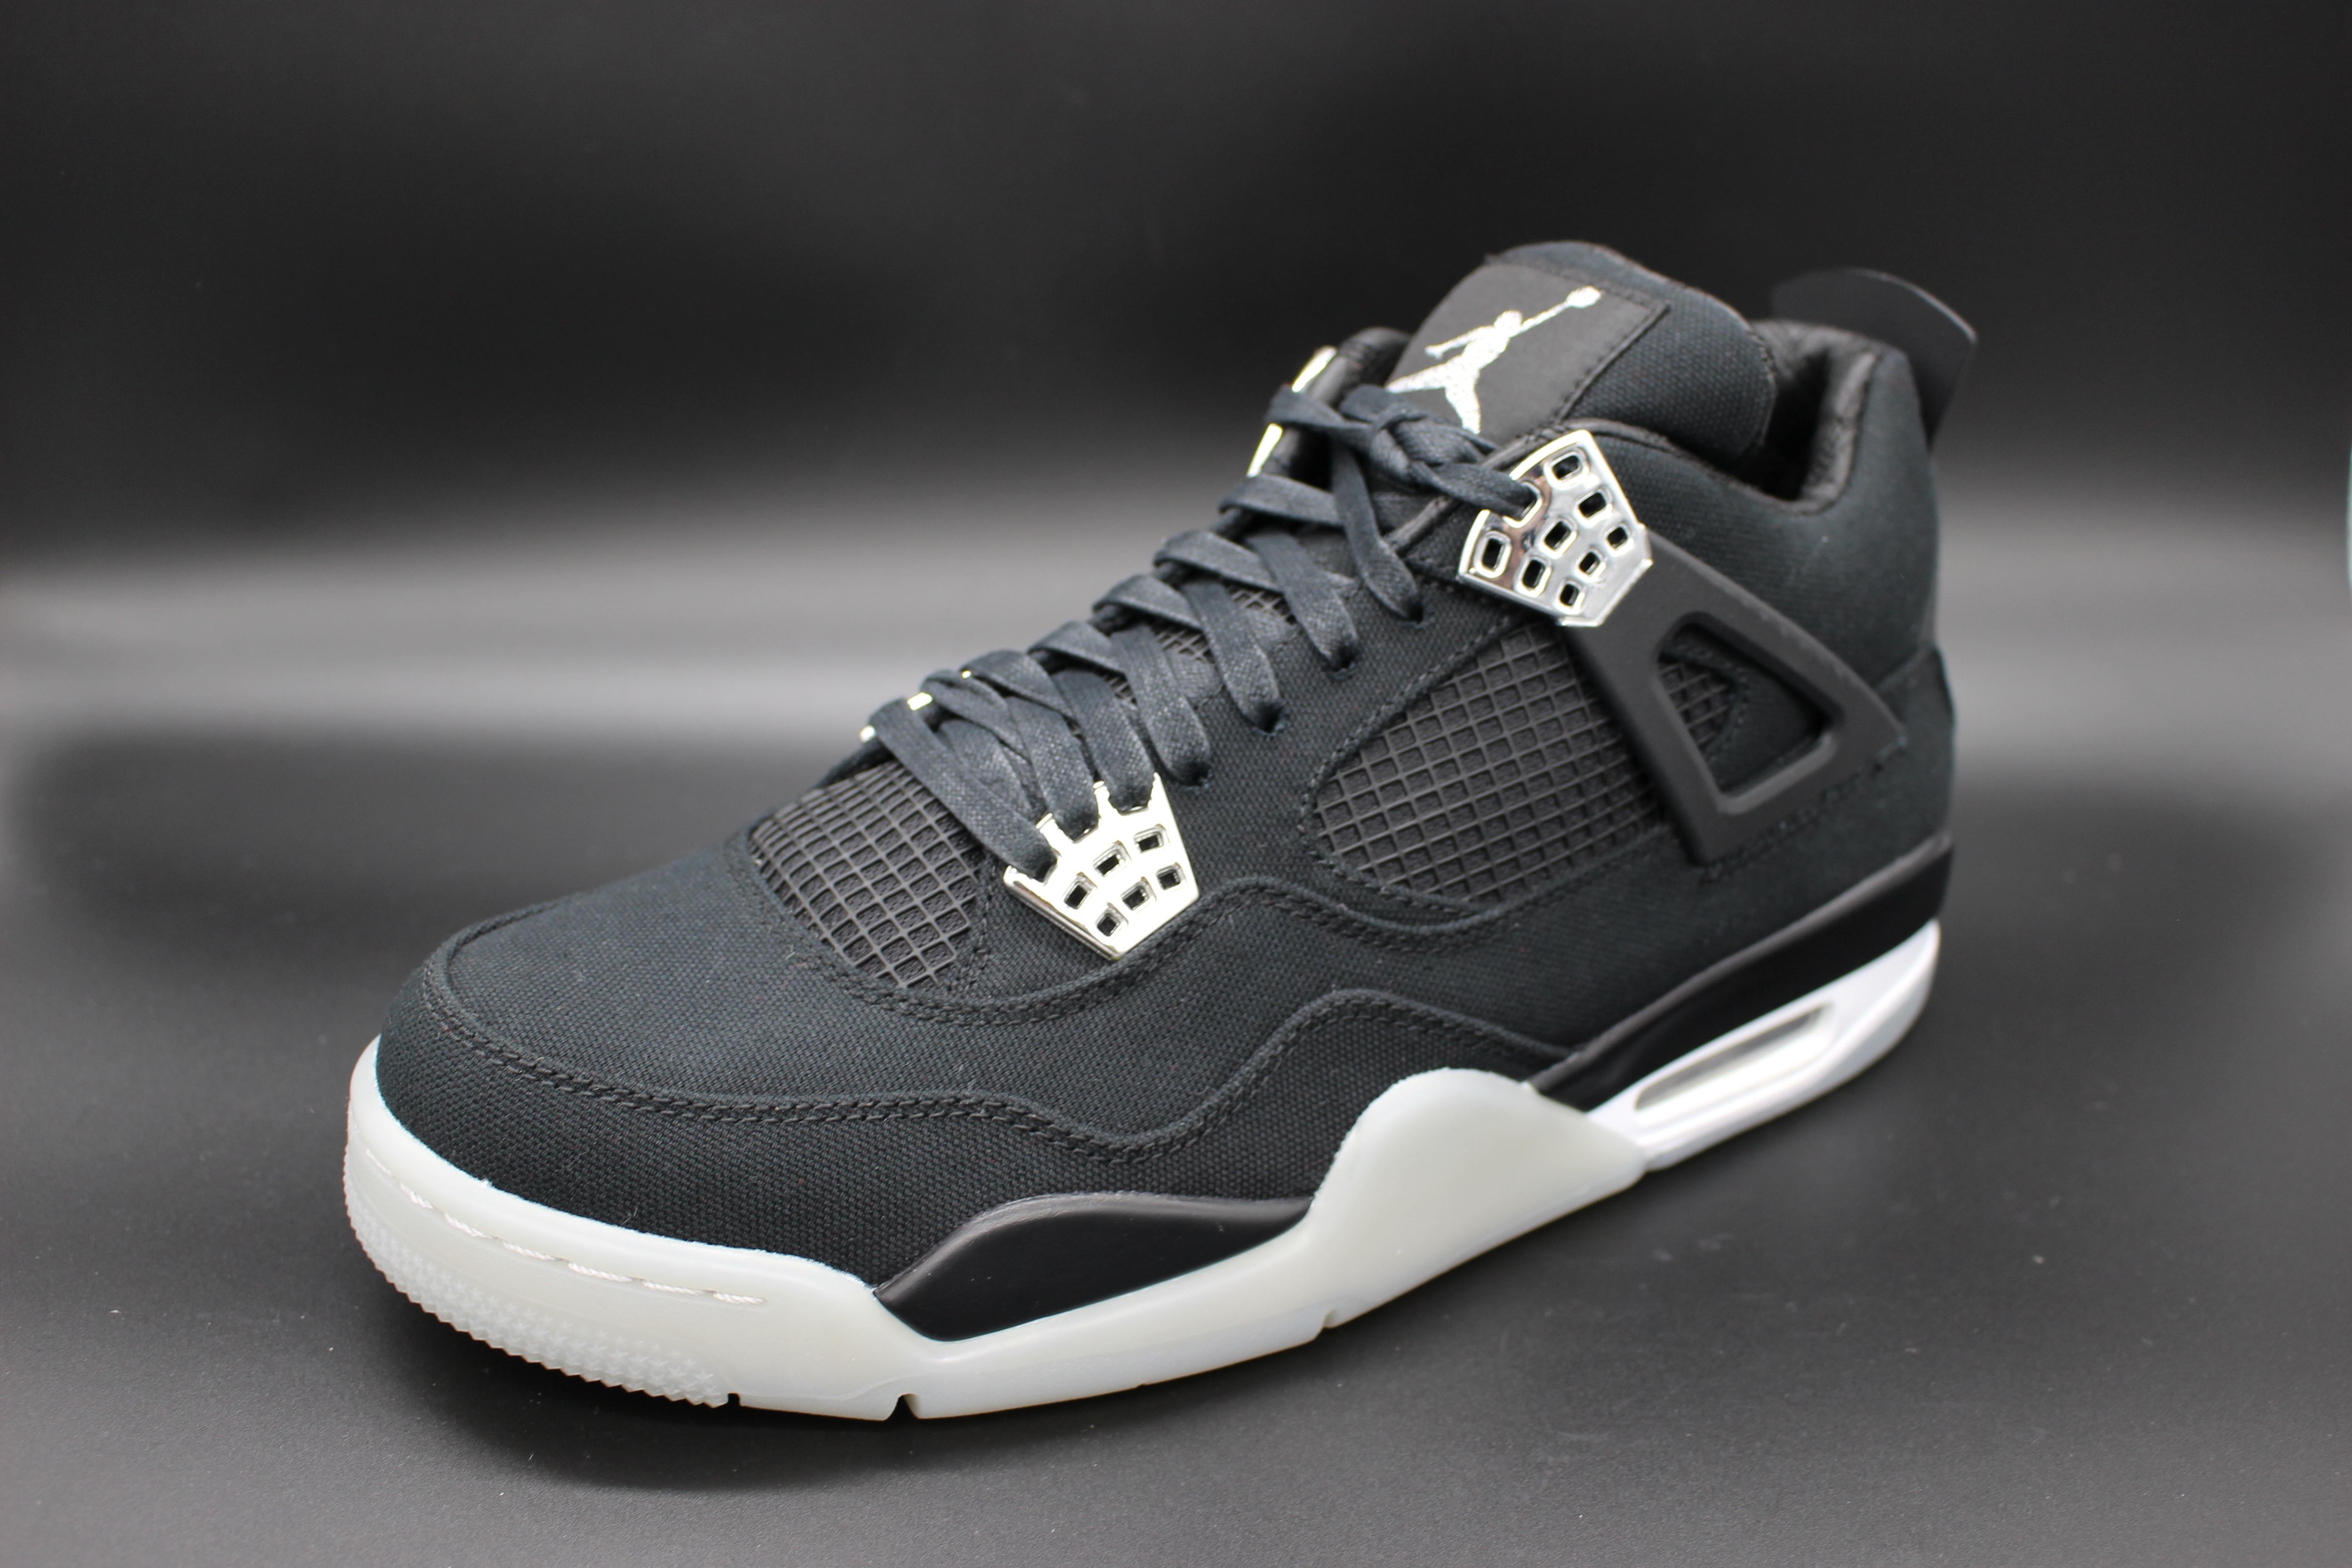 97c89cfac82 2: Jordan 4 Retro Eminem x Carharrt – $14 000 / R185 500